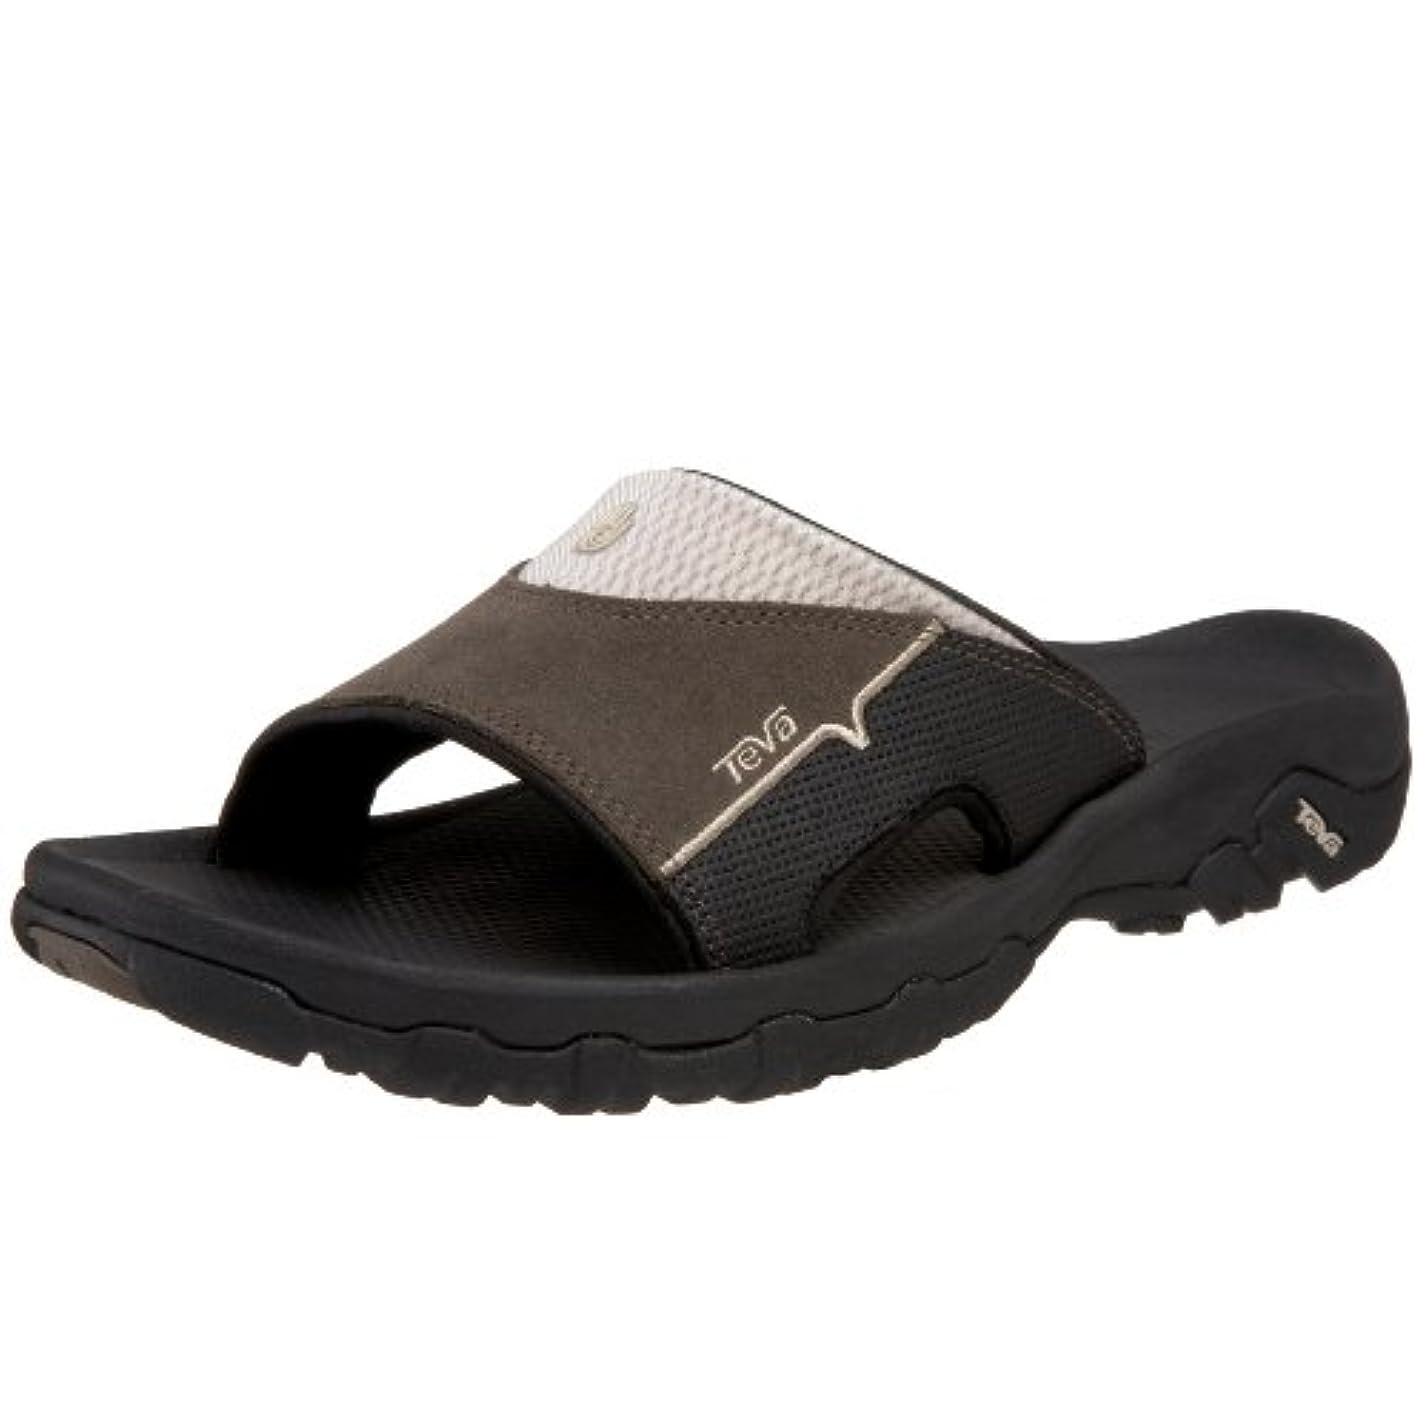 Teva Men's Katavi Slide Outdoor Sandal, Bungee Cord, 9 US om79088258